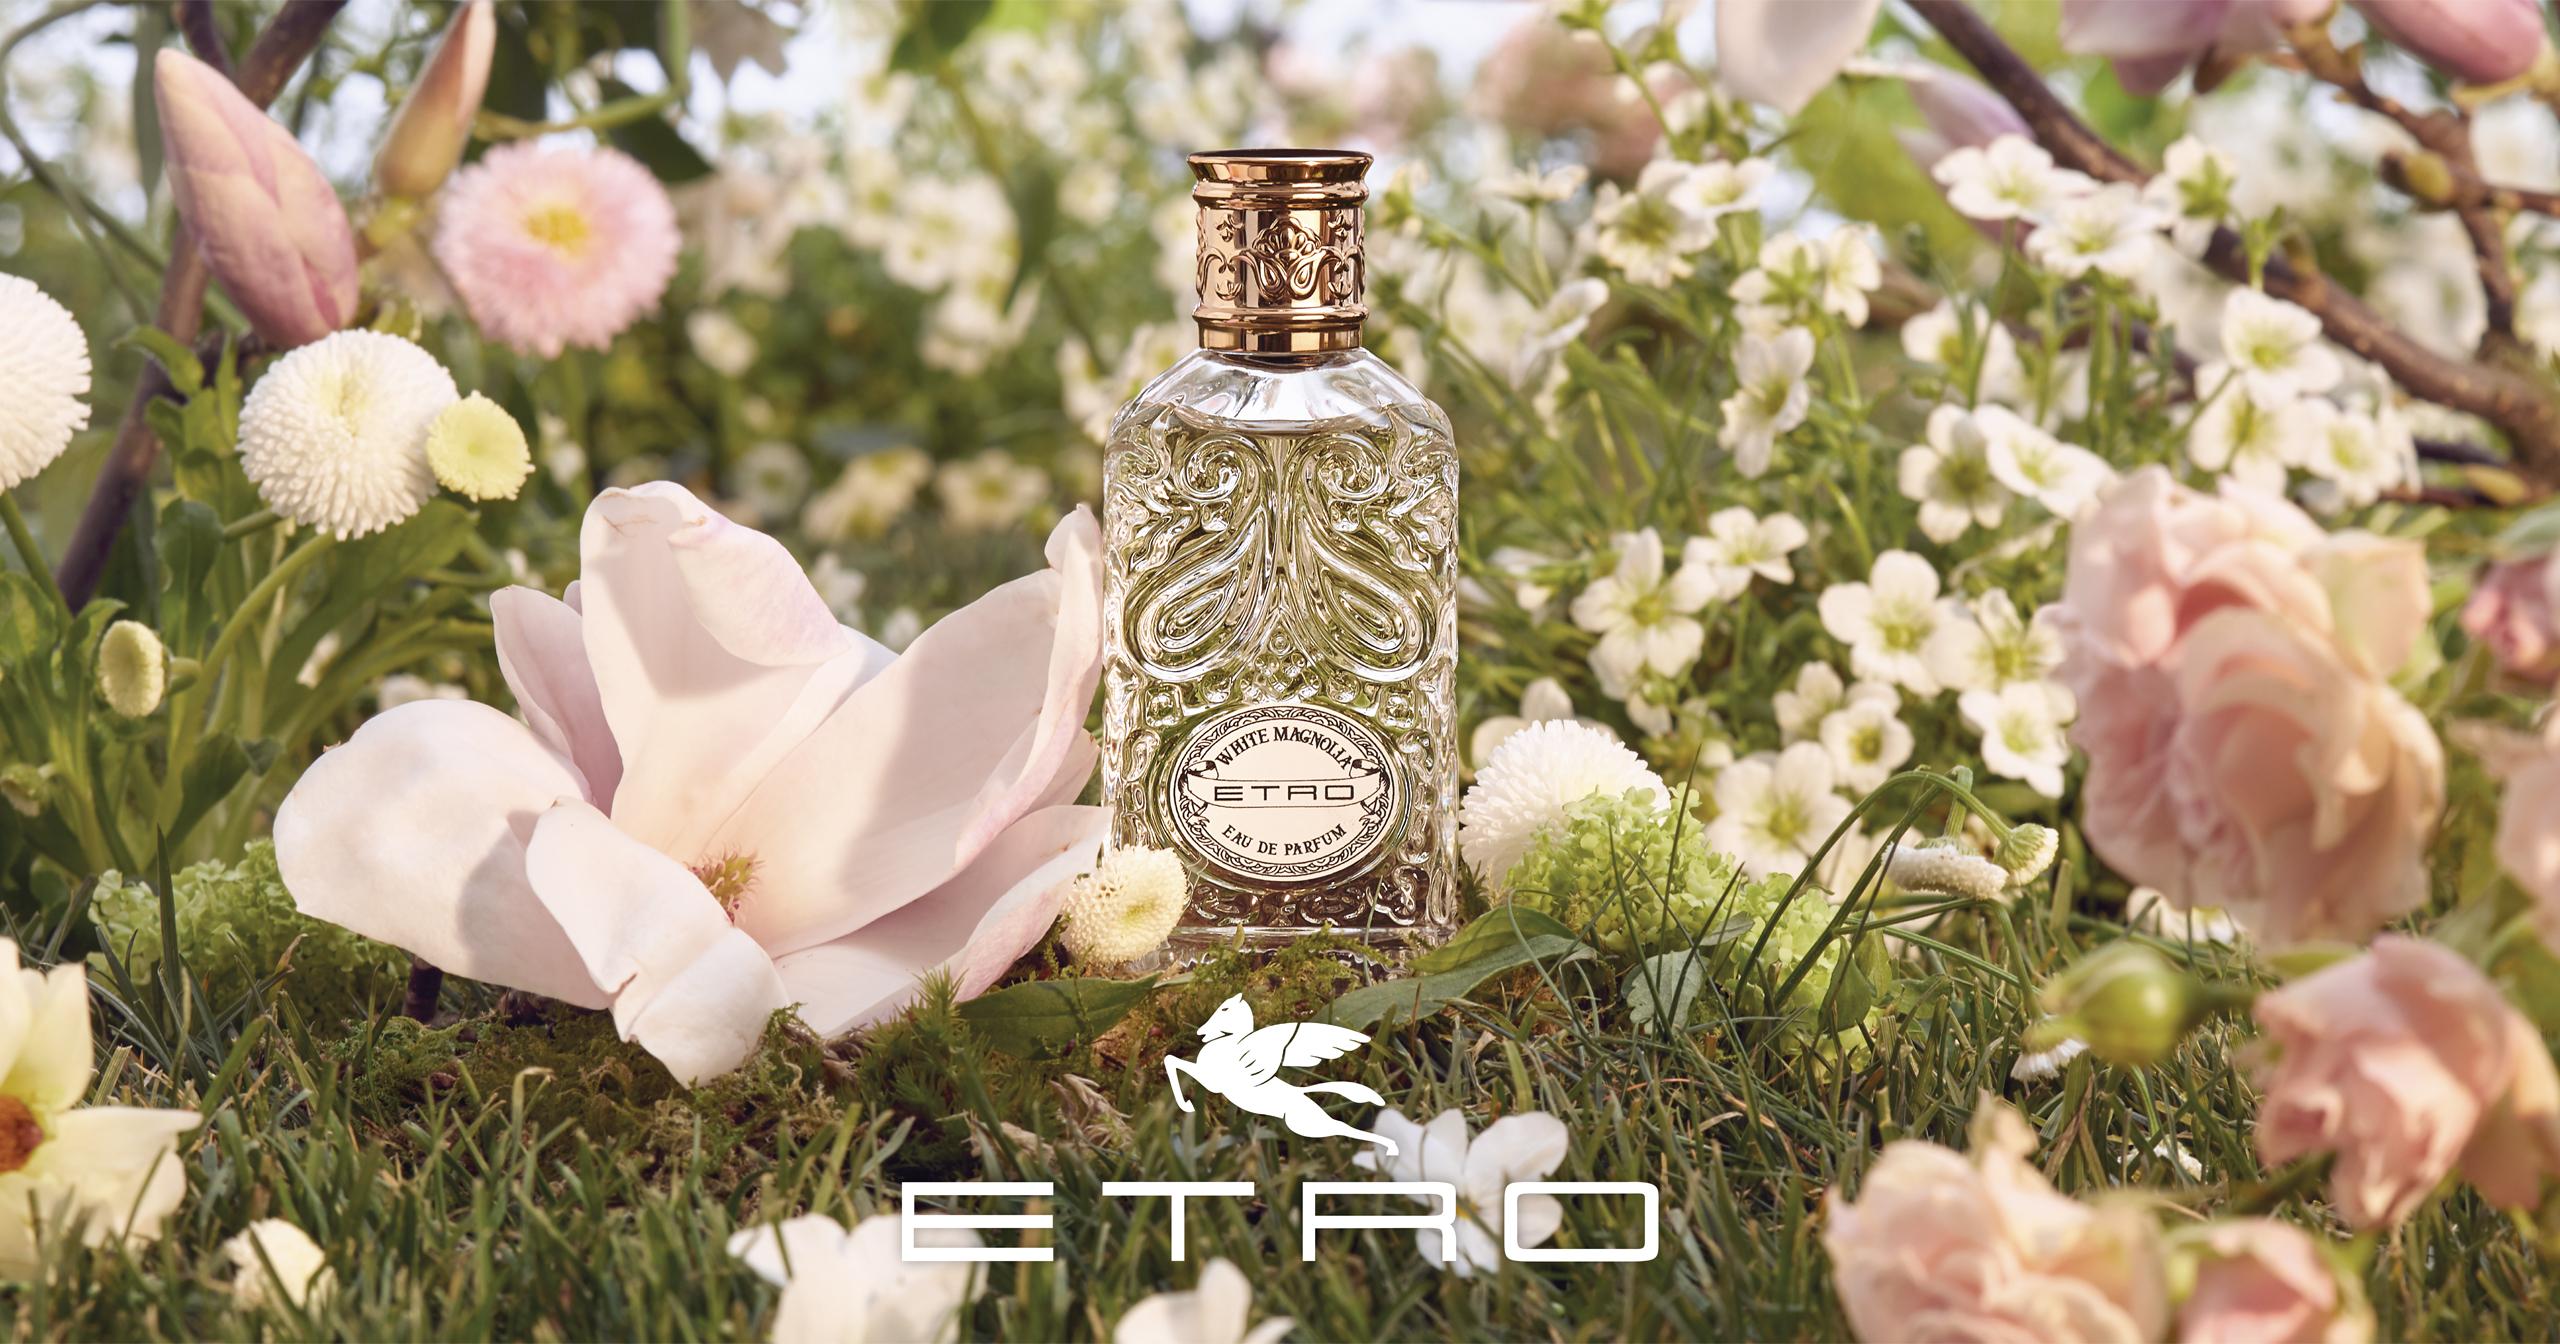 ETRO White Magnolia